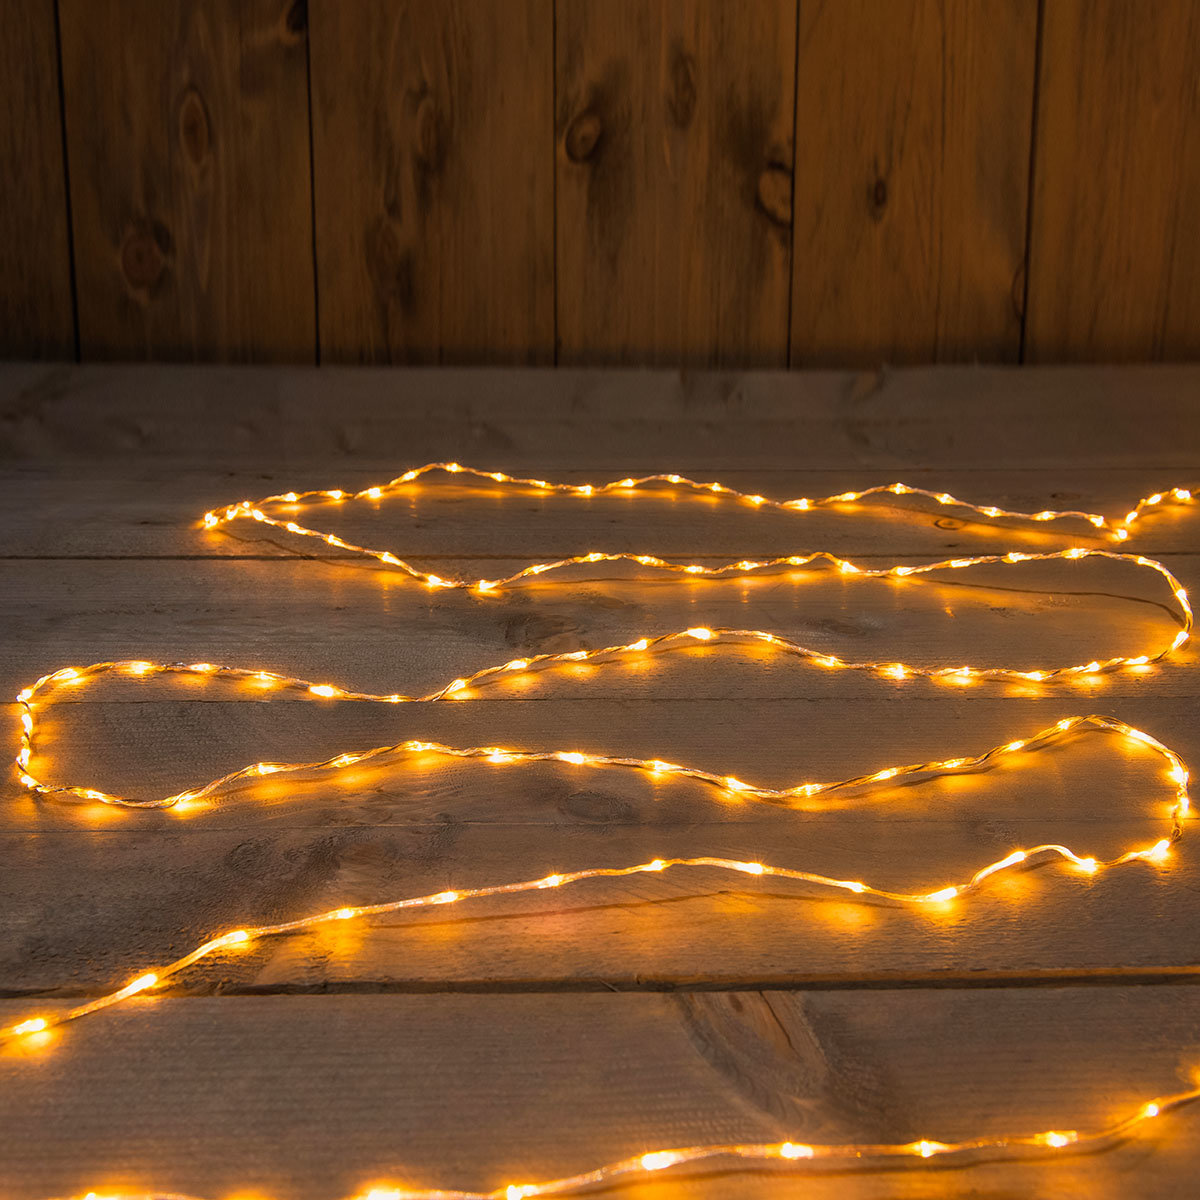 LED-Lichterdraht, 600 LEDs, 1.800 cm